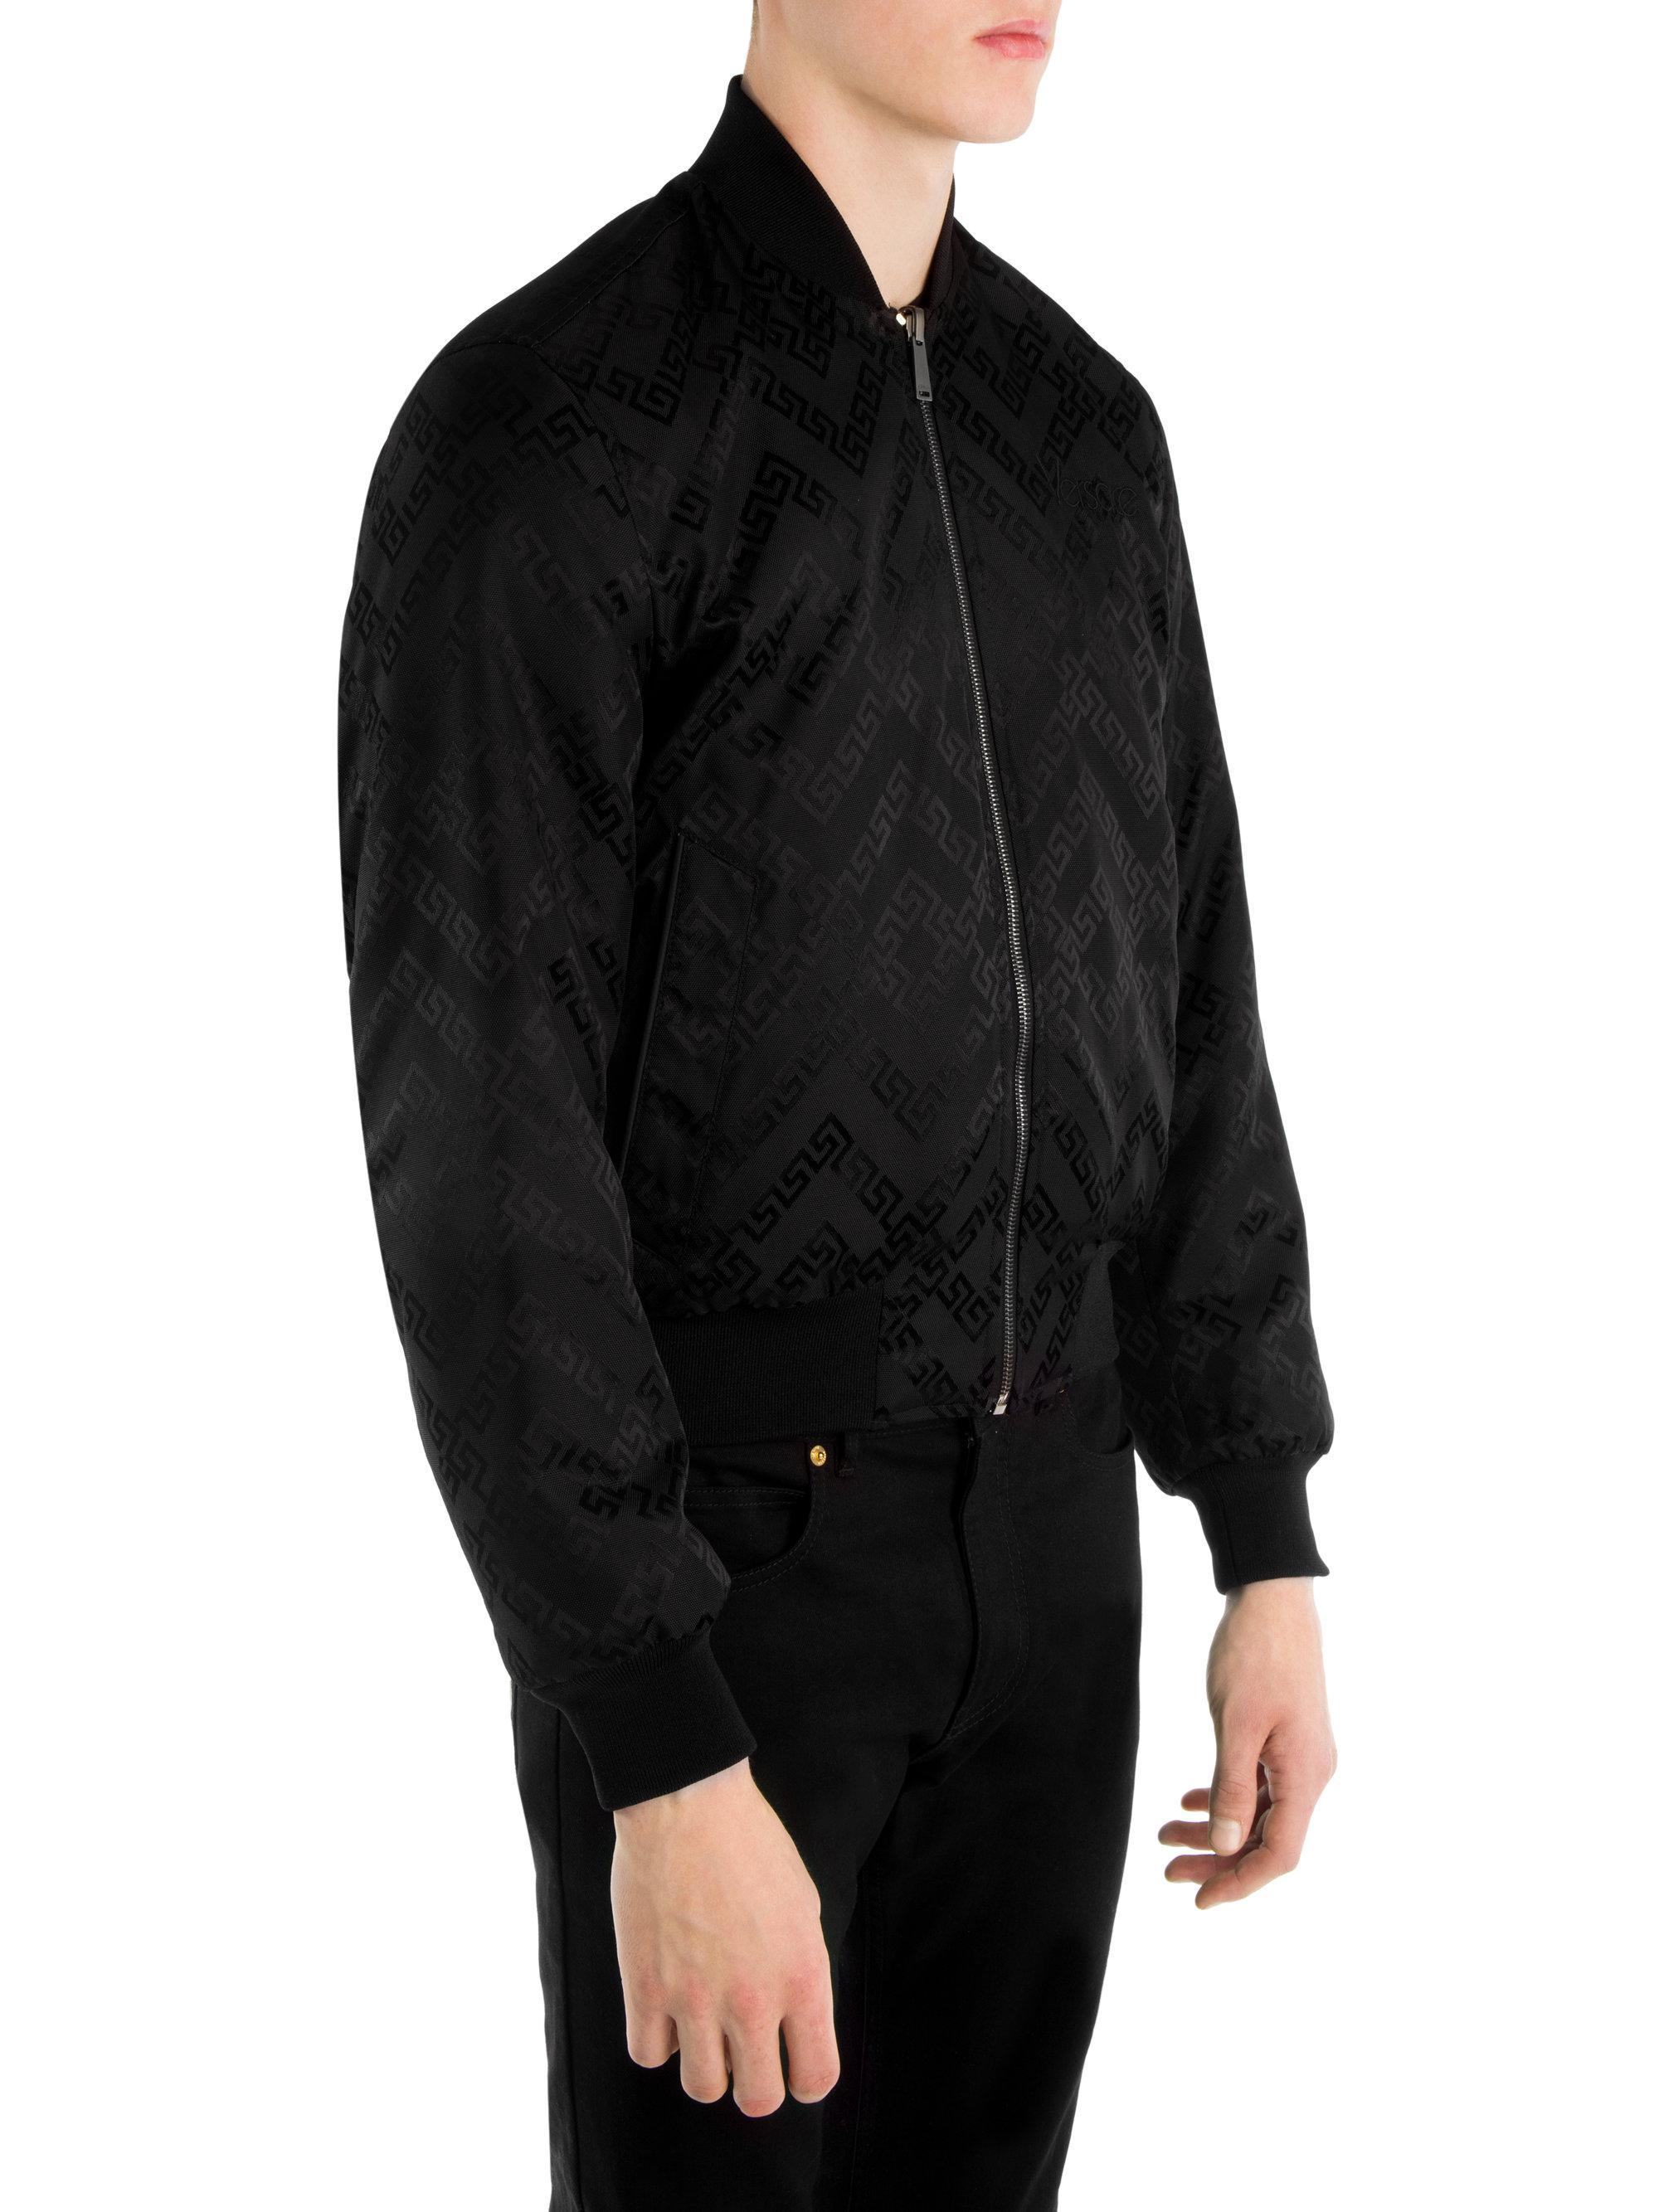 dee5475b0 Versace Reversible Baroque Bomber Jacket in Black for Men - Lyst